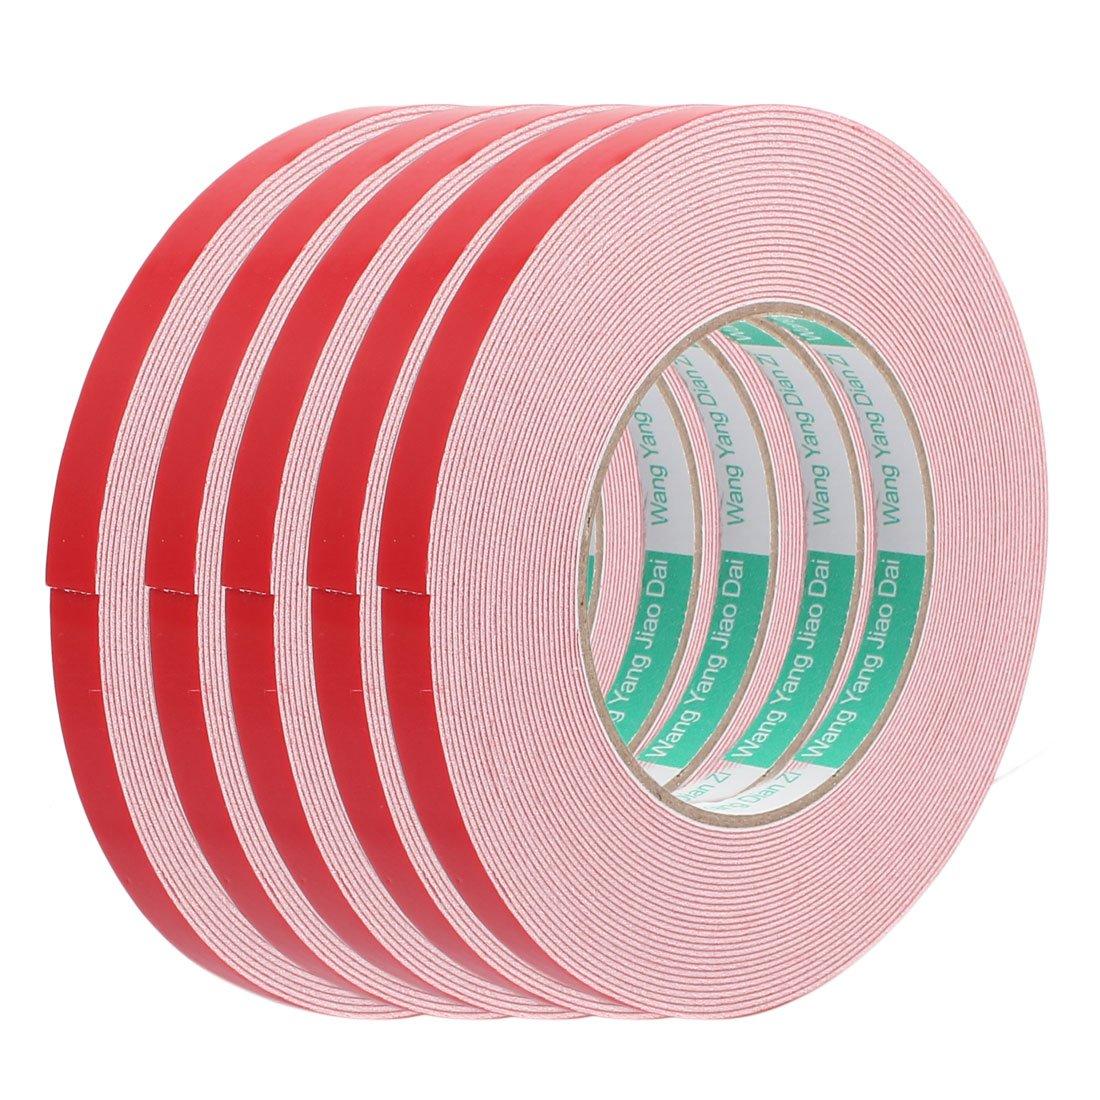 sourcing map Cinta adhesiva de espuma esponja anti choque rojo y negro de 10M 10mm x 1mm de doble cara